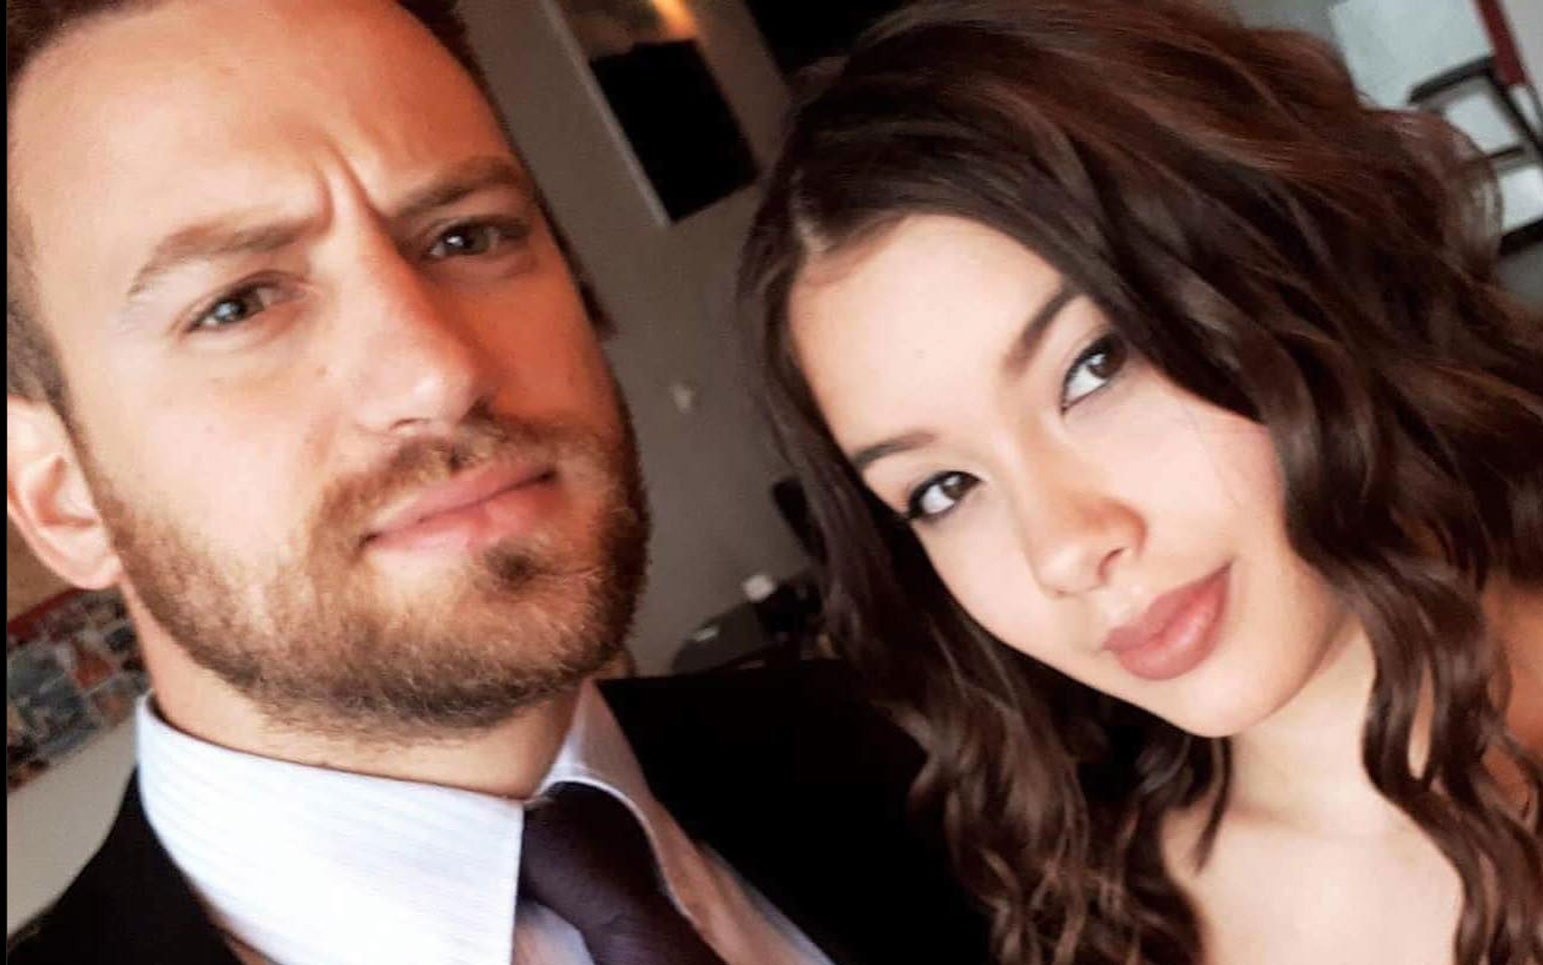 Γλυκά Νερά: Η Daily Mail αποκαλύπτει κρυφό ημερολόγιο της άτυχης Κάρολαϊν – «Είναι επικίνδυνος» έγραφε